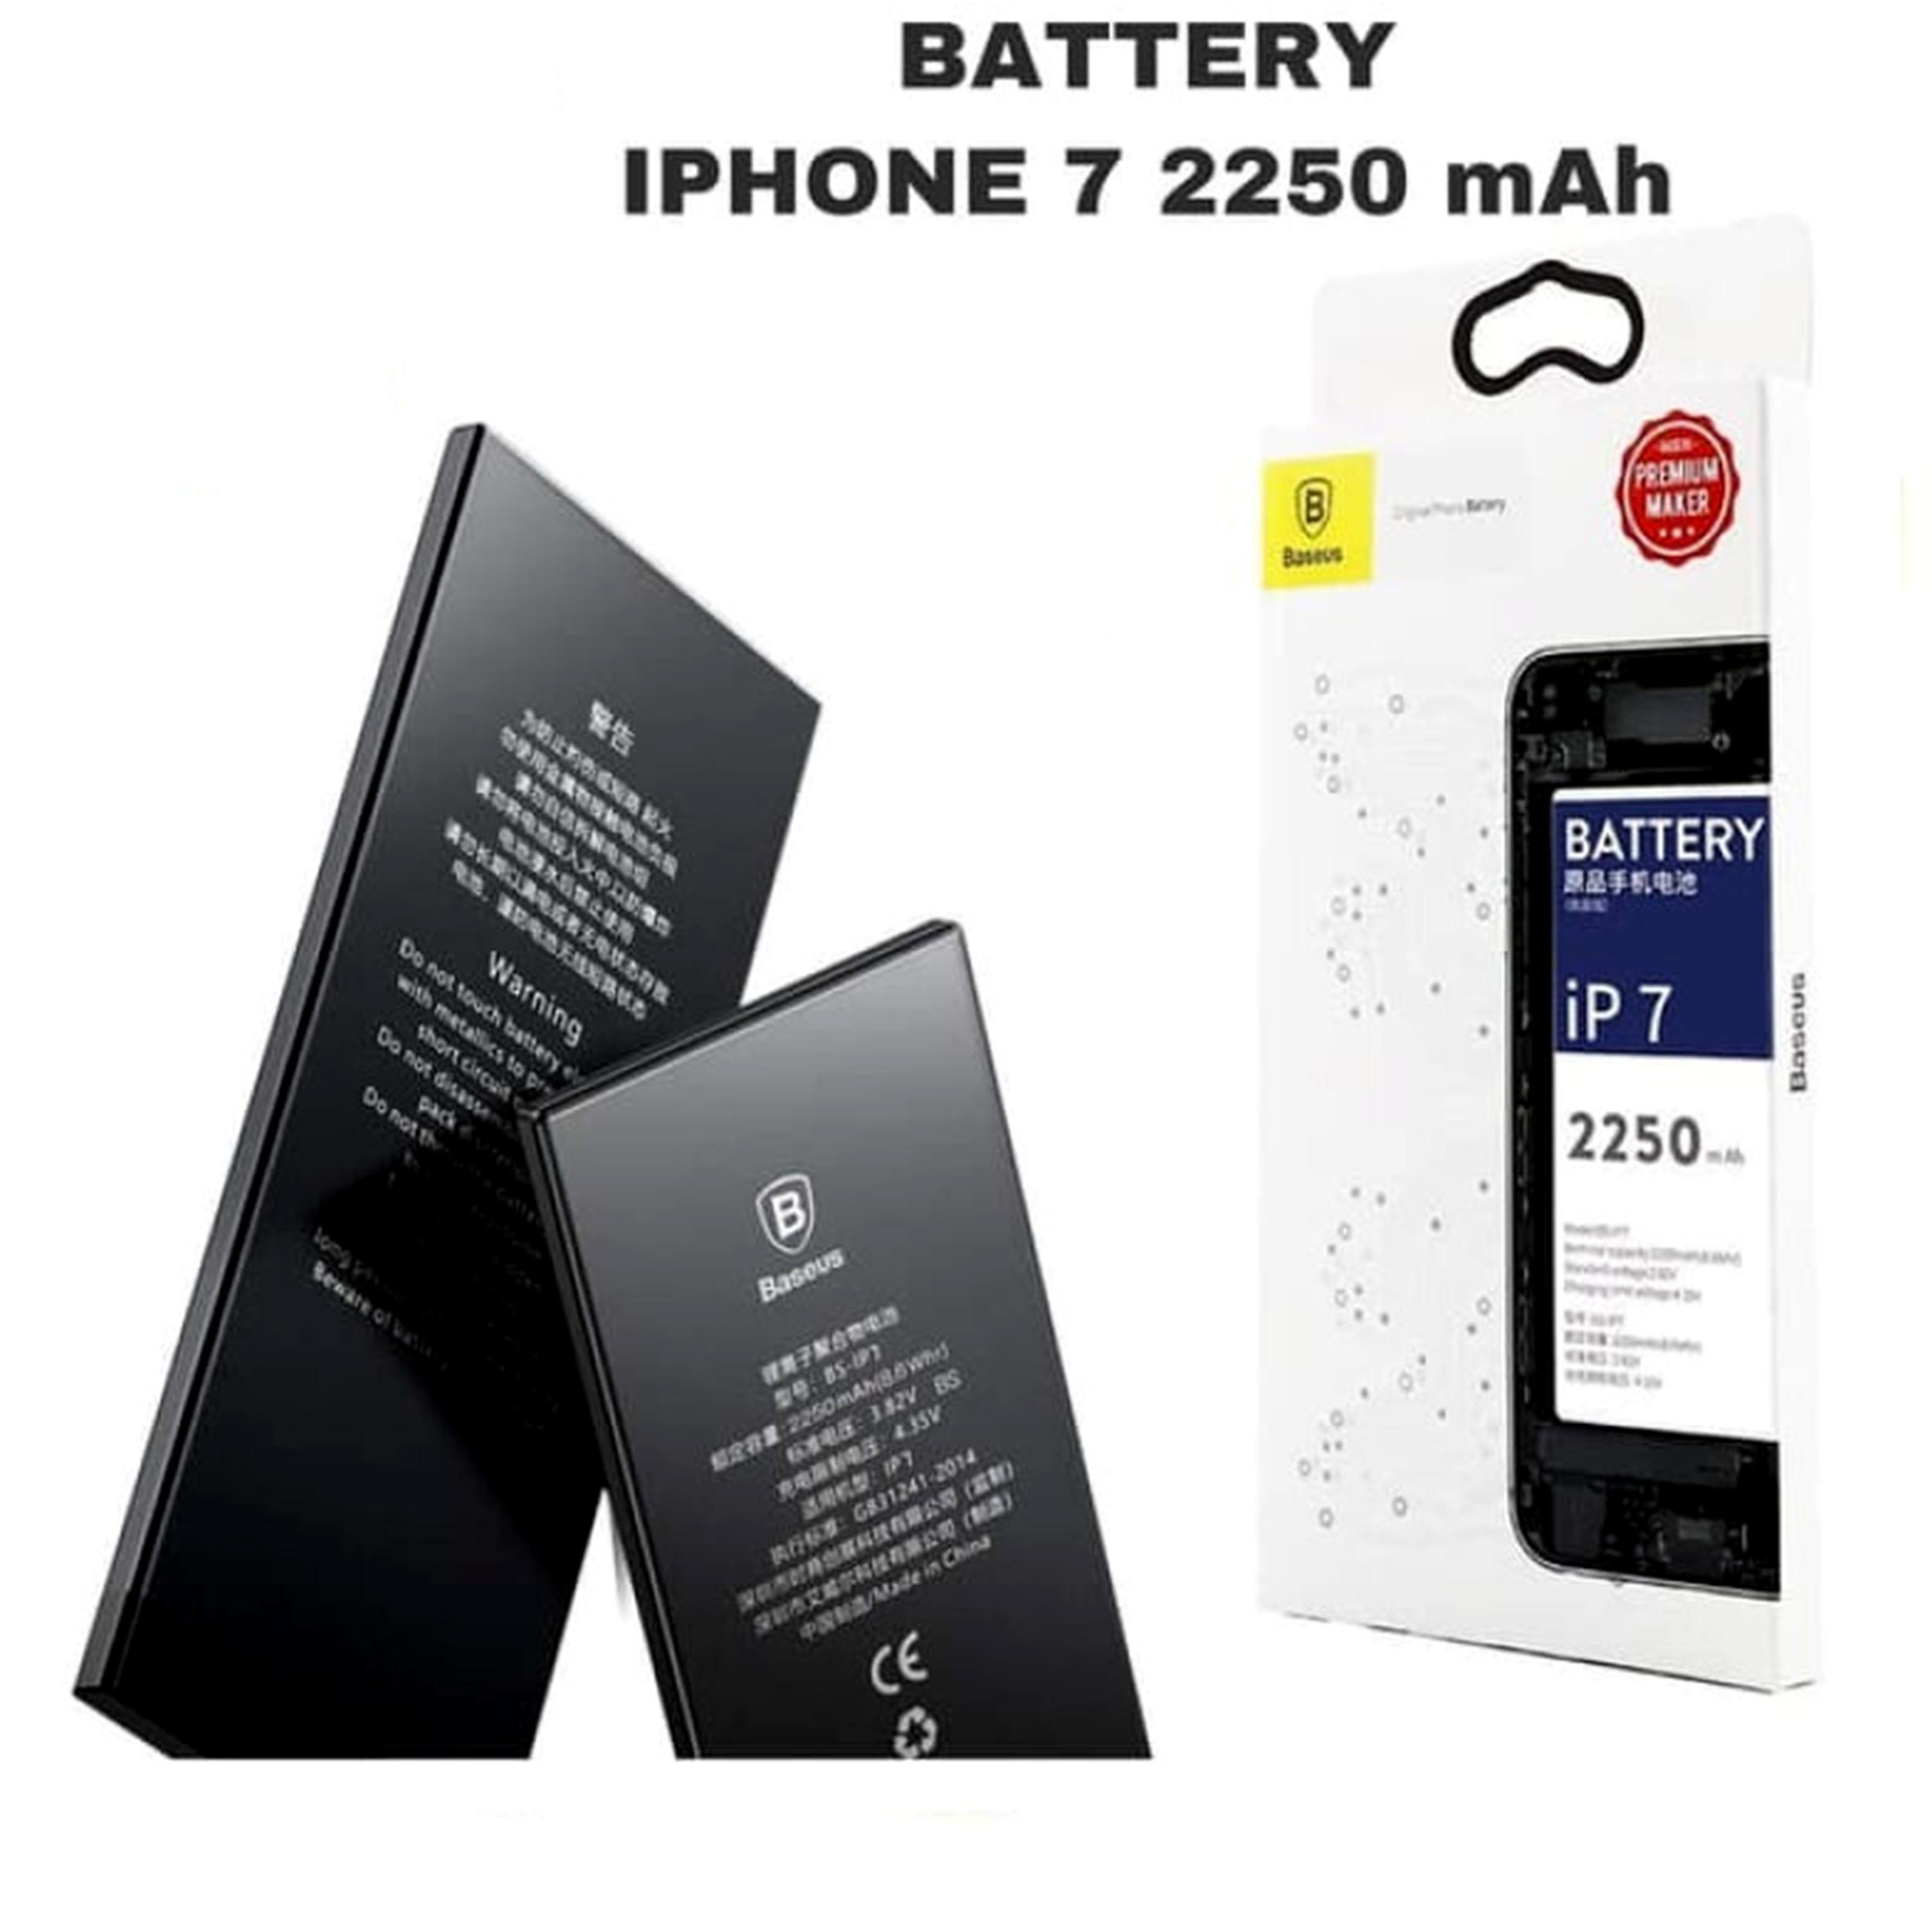 باتری موبایل باسئوس مدل ACCB-BIP7 ظرفیت 2250 میلی آمپر ساعت مناسب برای گوشی موبایل اپل iPhone 7